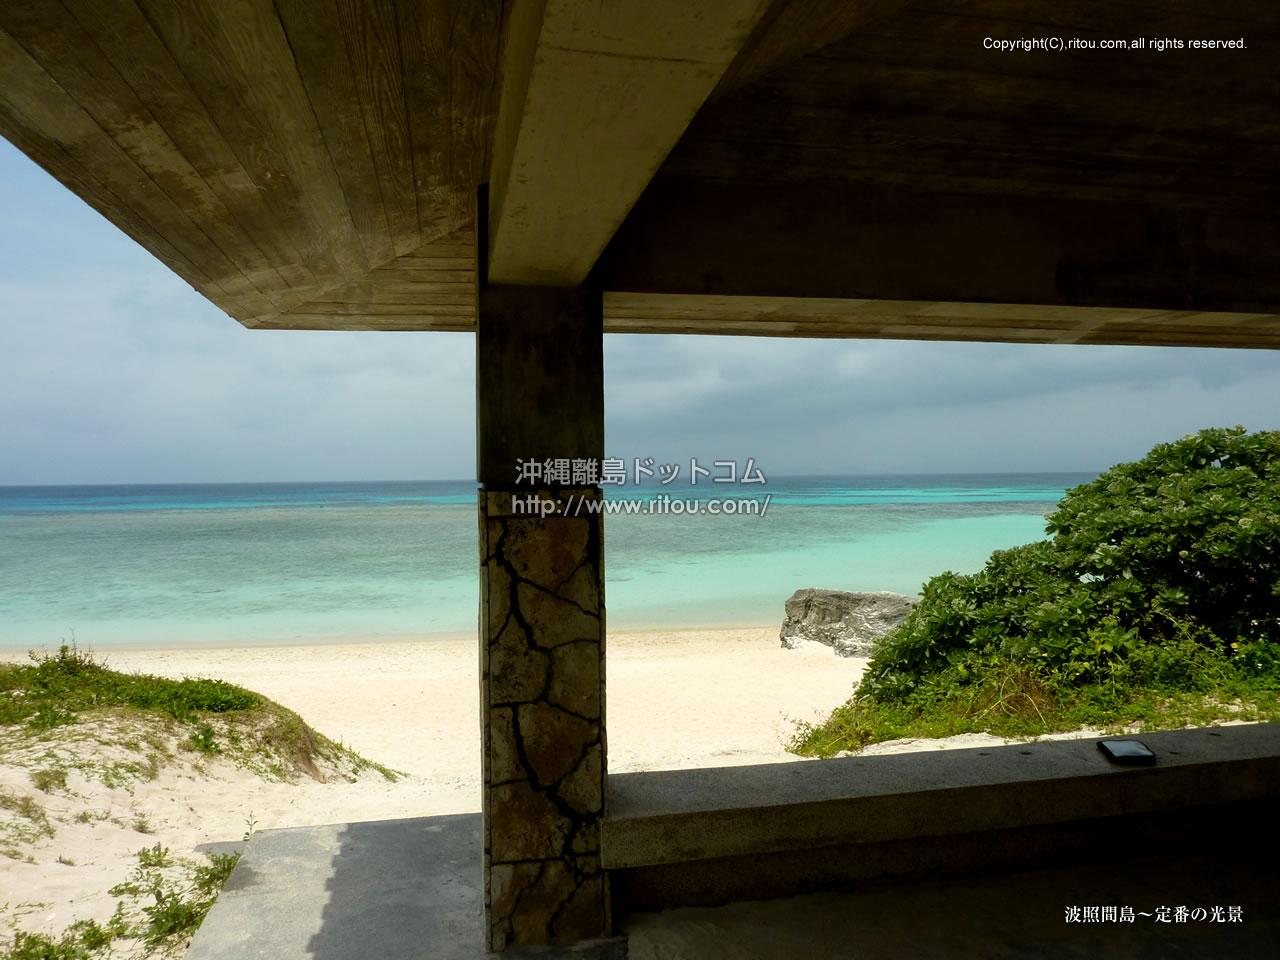 波照間島〜定番の光景